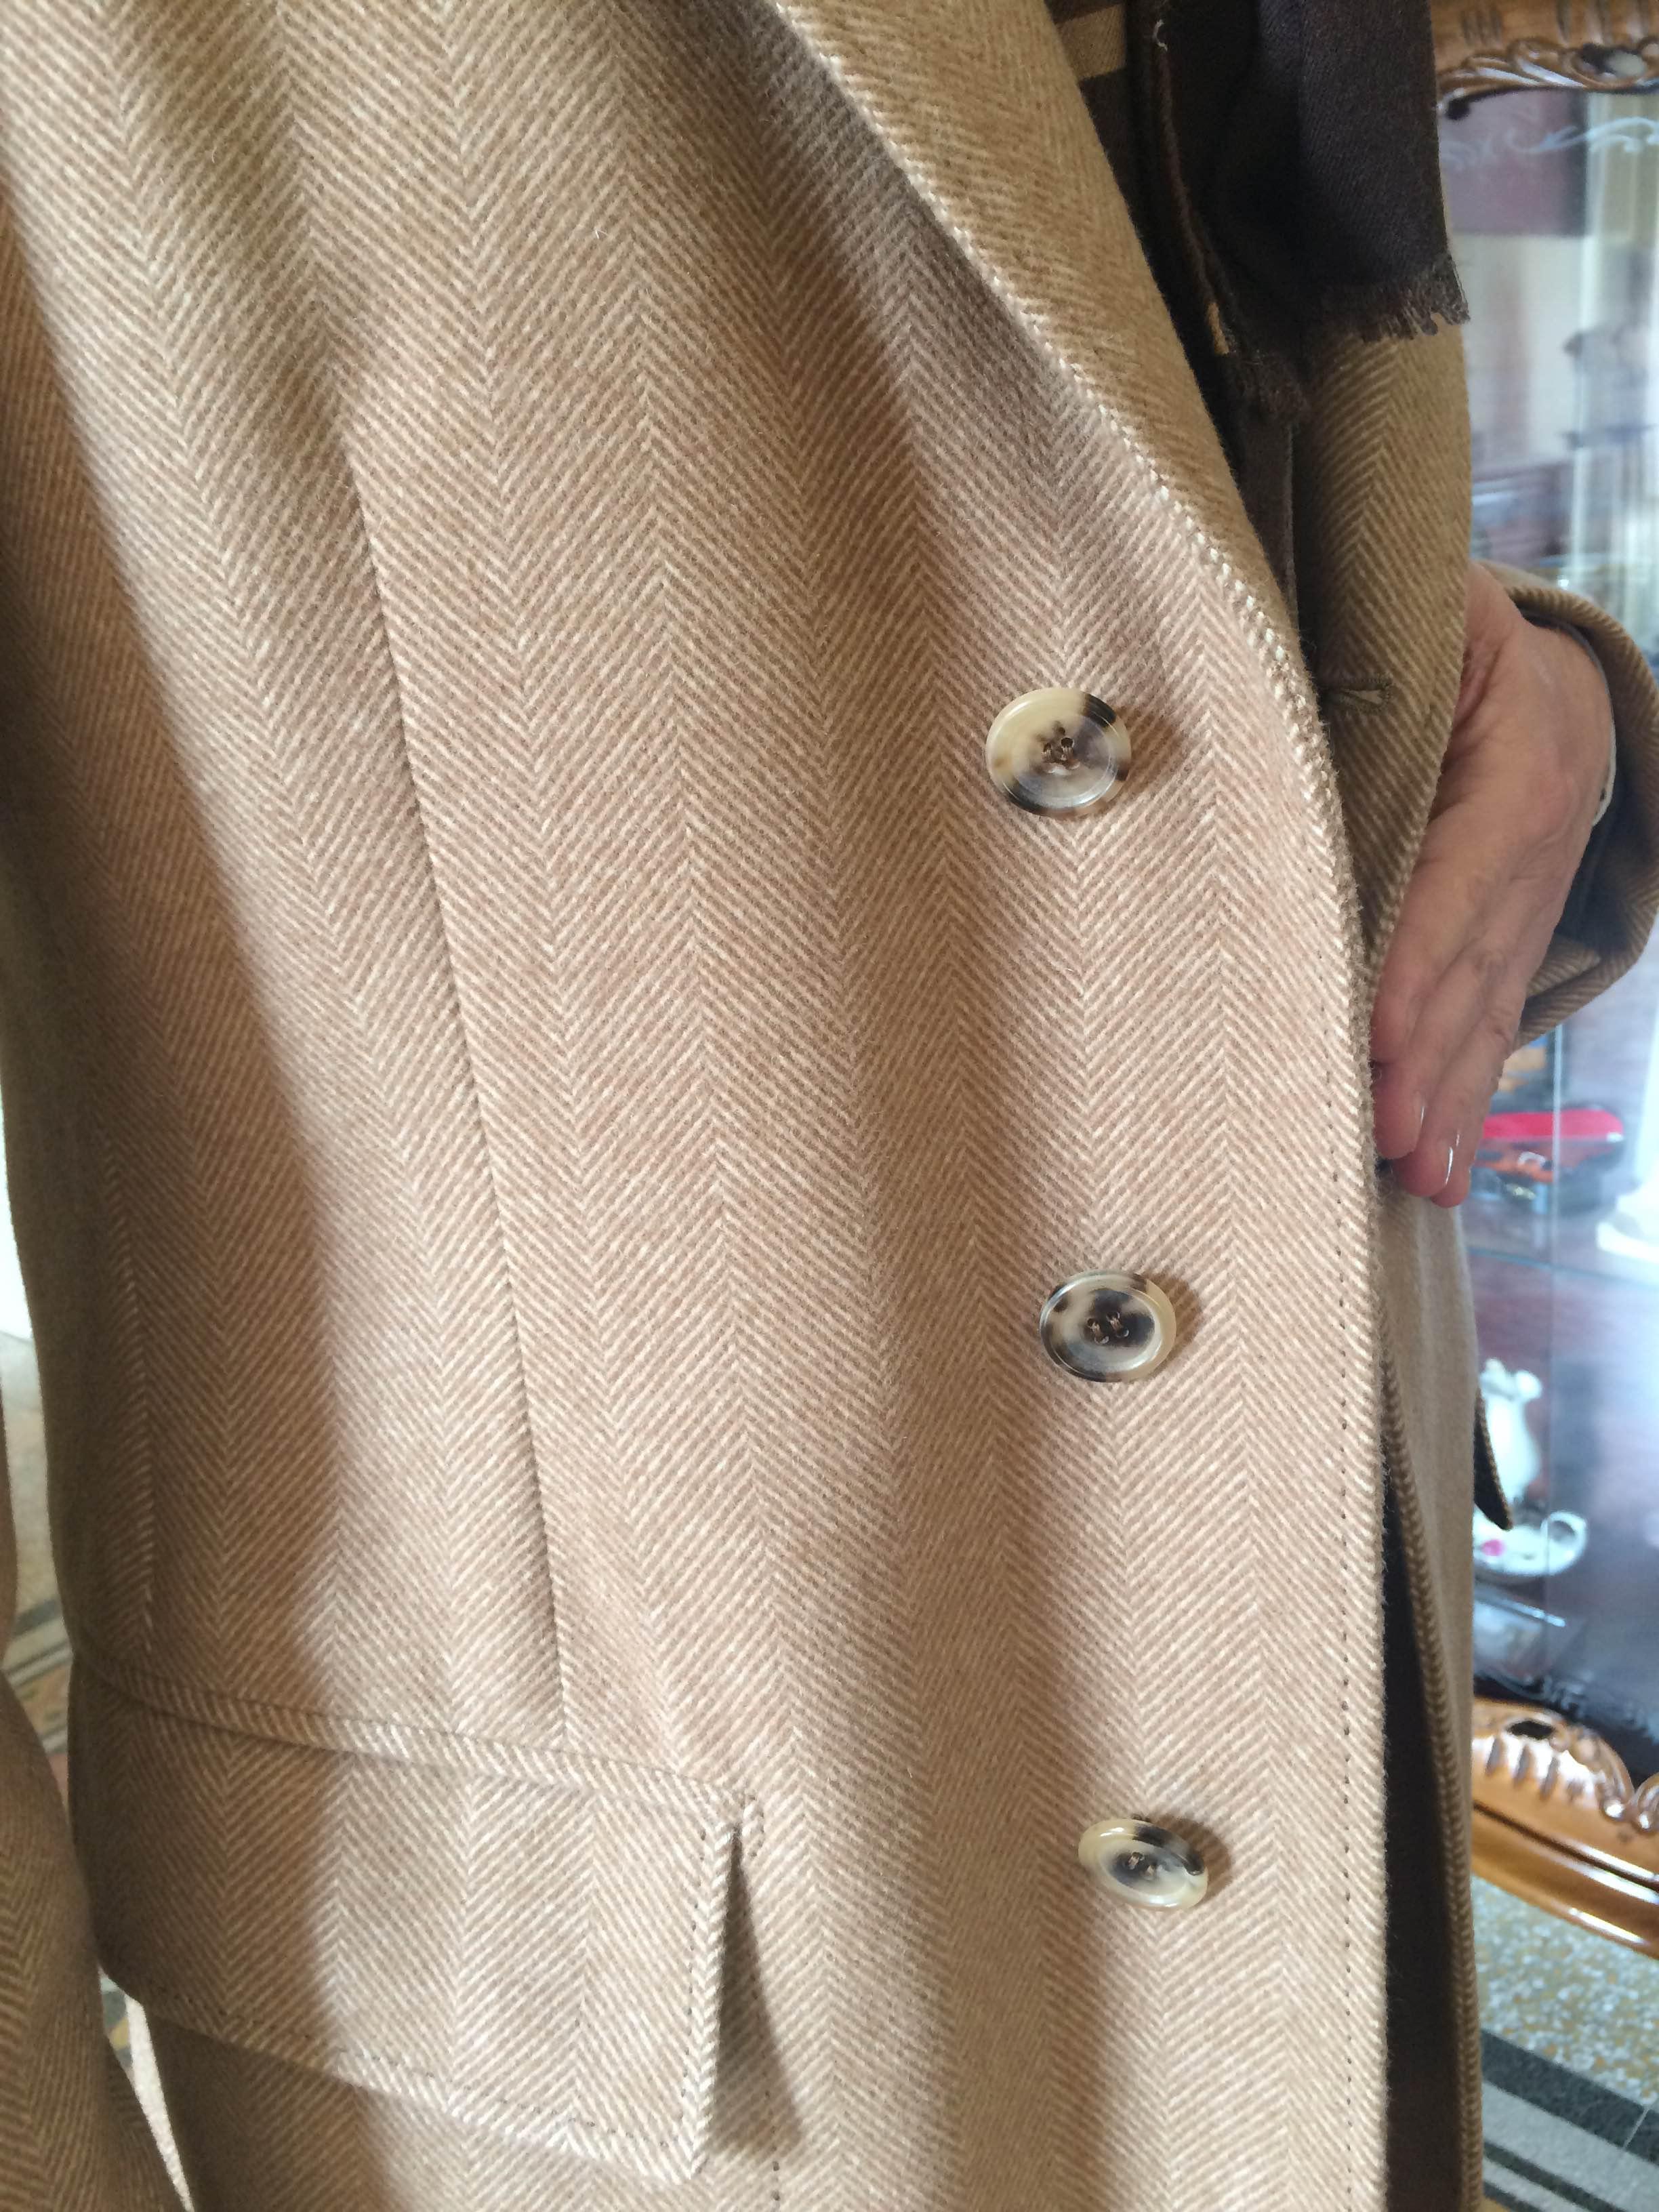 Soprabito cappottella napoletana cachemire sartoria napoletana Sartoria Napoletana, artigiano, sarto, sartoria antonelli, sartoria artigianale, artigianato napoletano, napoli